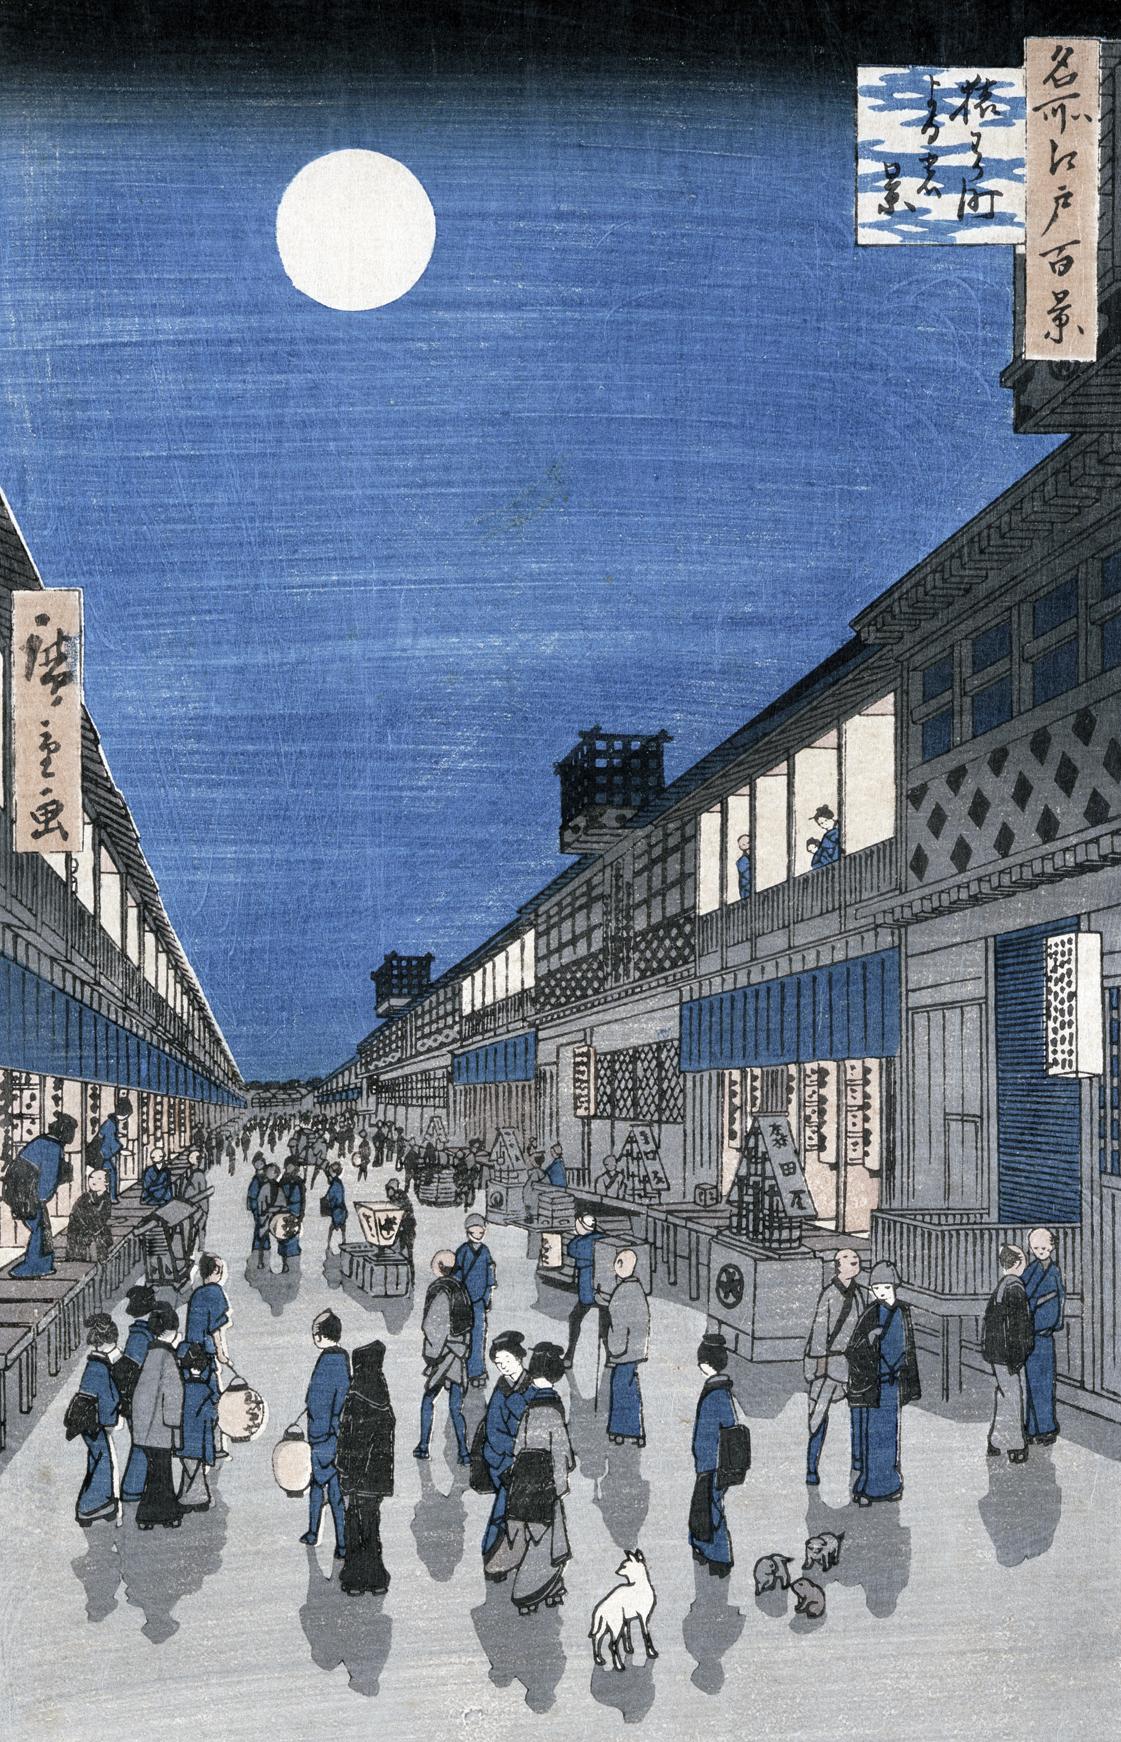 Night View of Saruwaka Street, by Ando Hiroshige, 1856.